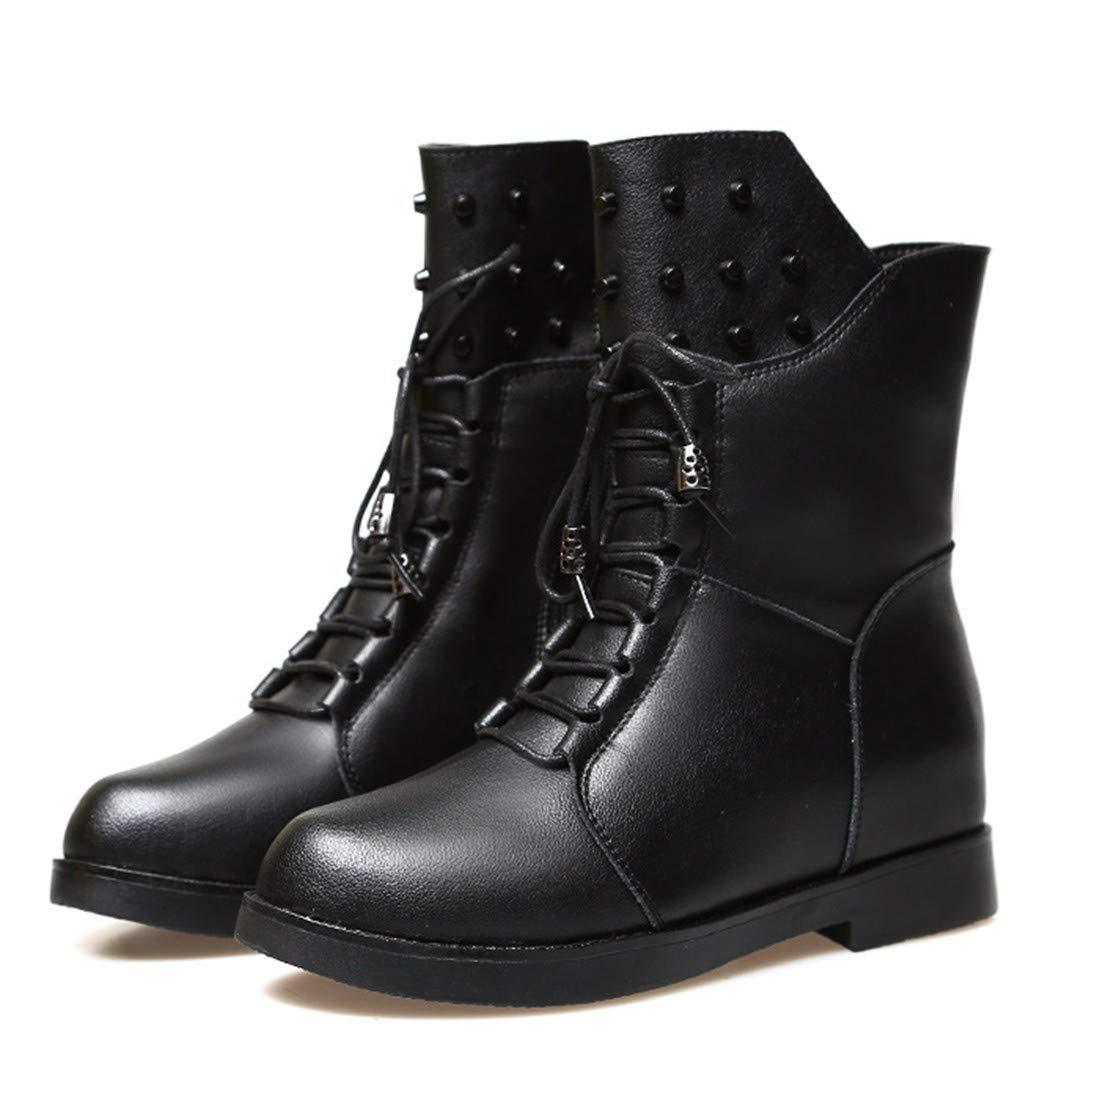 BeatinToes Damen Winter Warm Anti Slip Naturleder Martin Stiefel Reine Farbe Casual Schuhe Stiefel Heel Kurzschluss